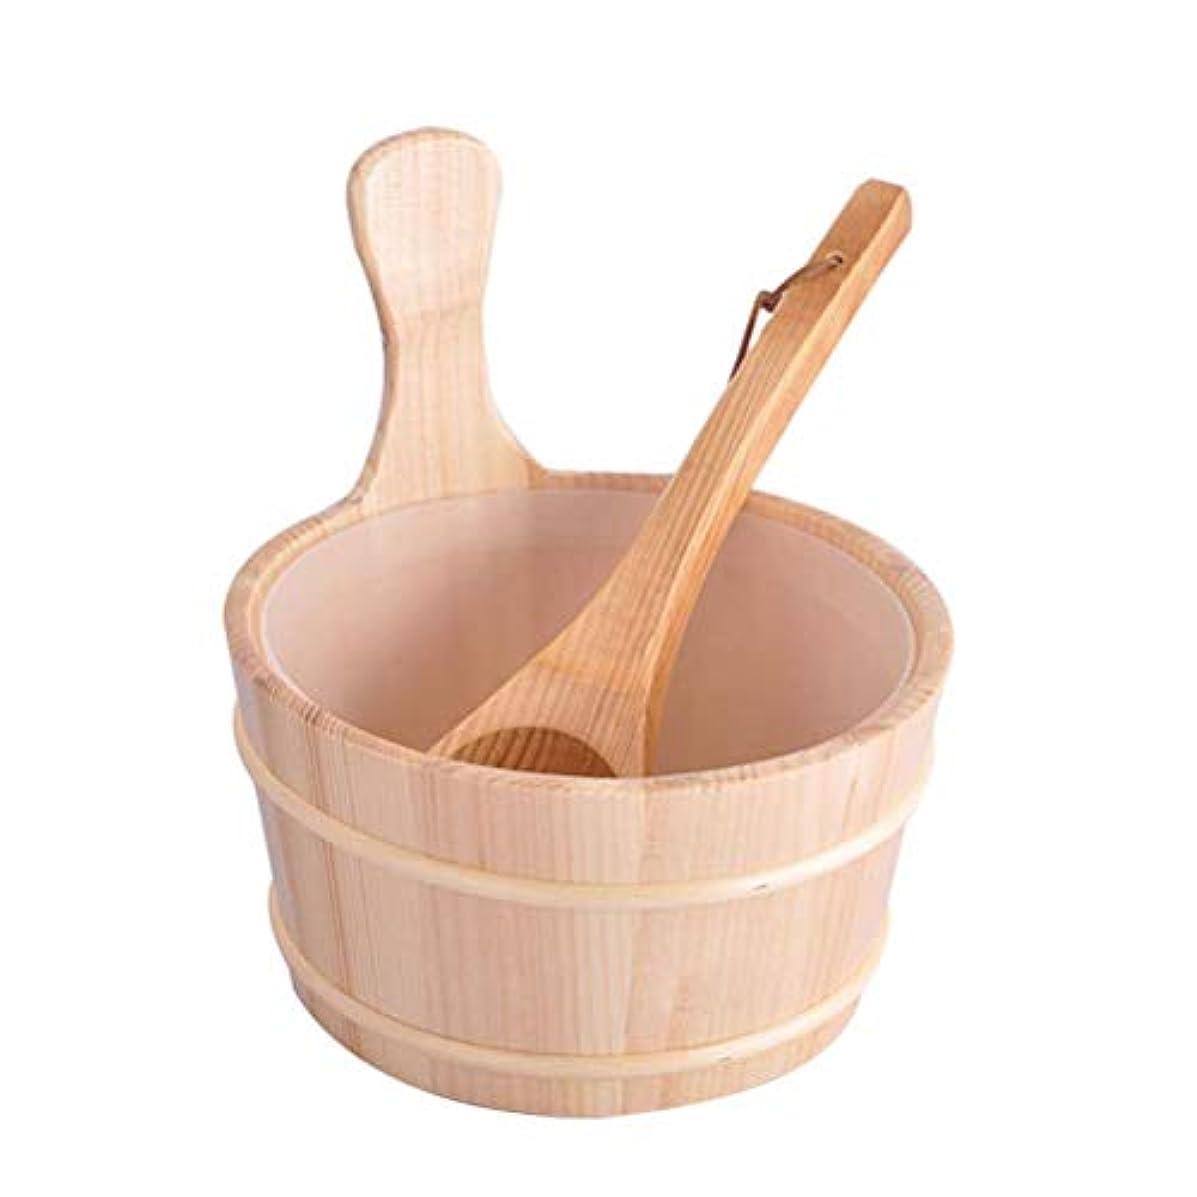 オーバーラン解釈利得Healifty 2個入りサウナ木製バケツとひしゃくキットサウナとサウナルーム用のライナー付きスパバケット(ニュートラルスタイル)